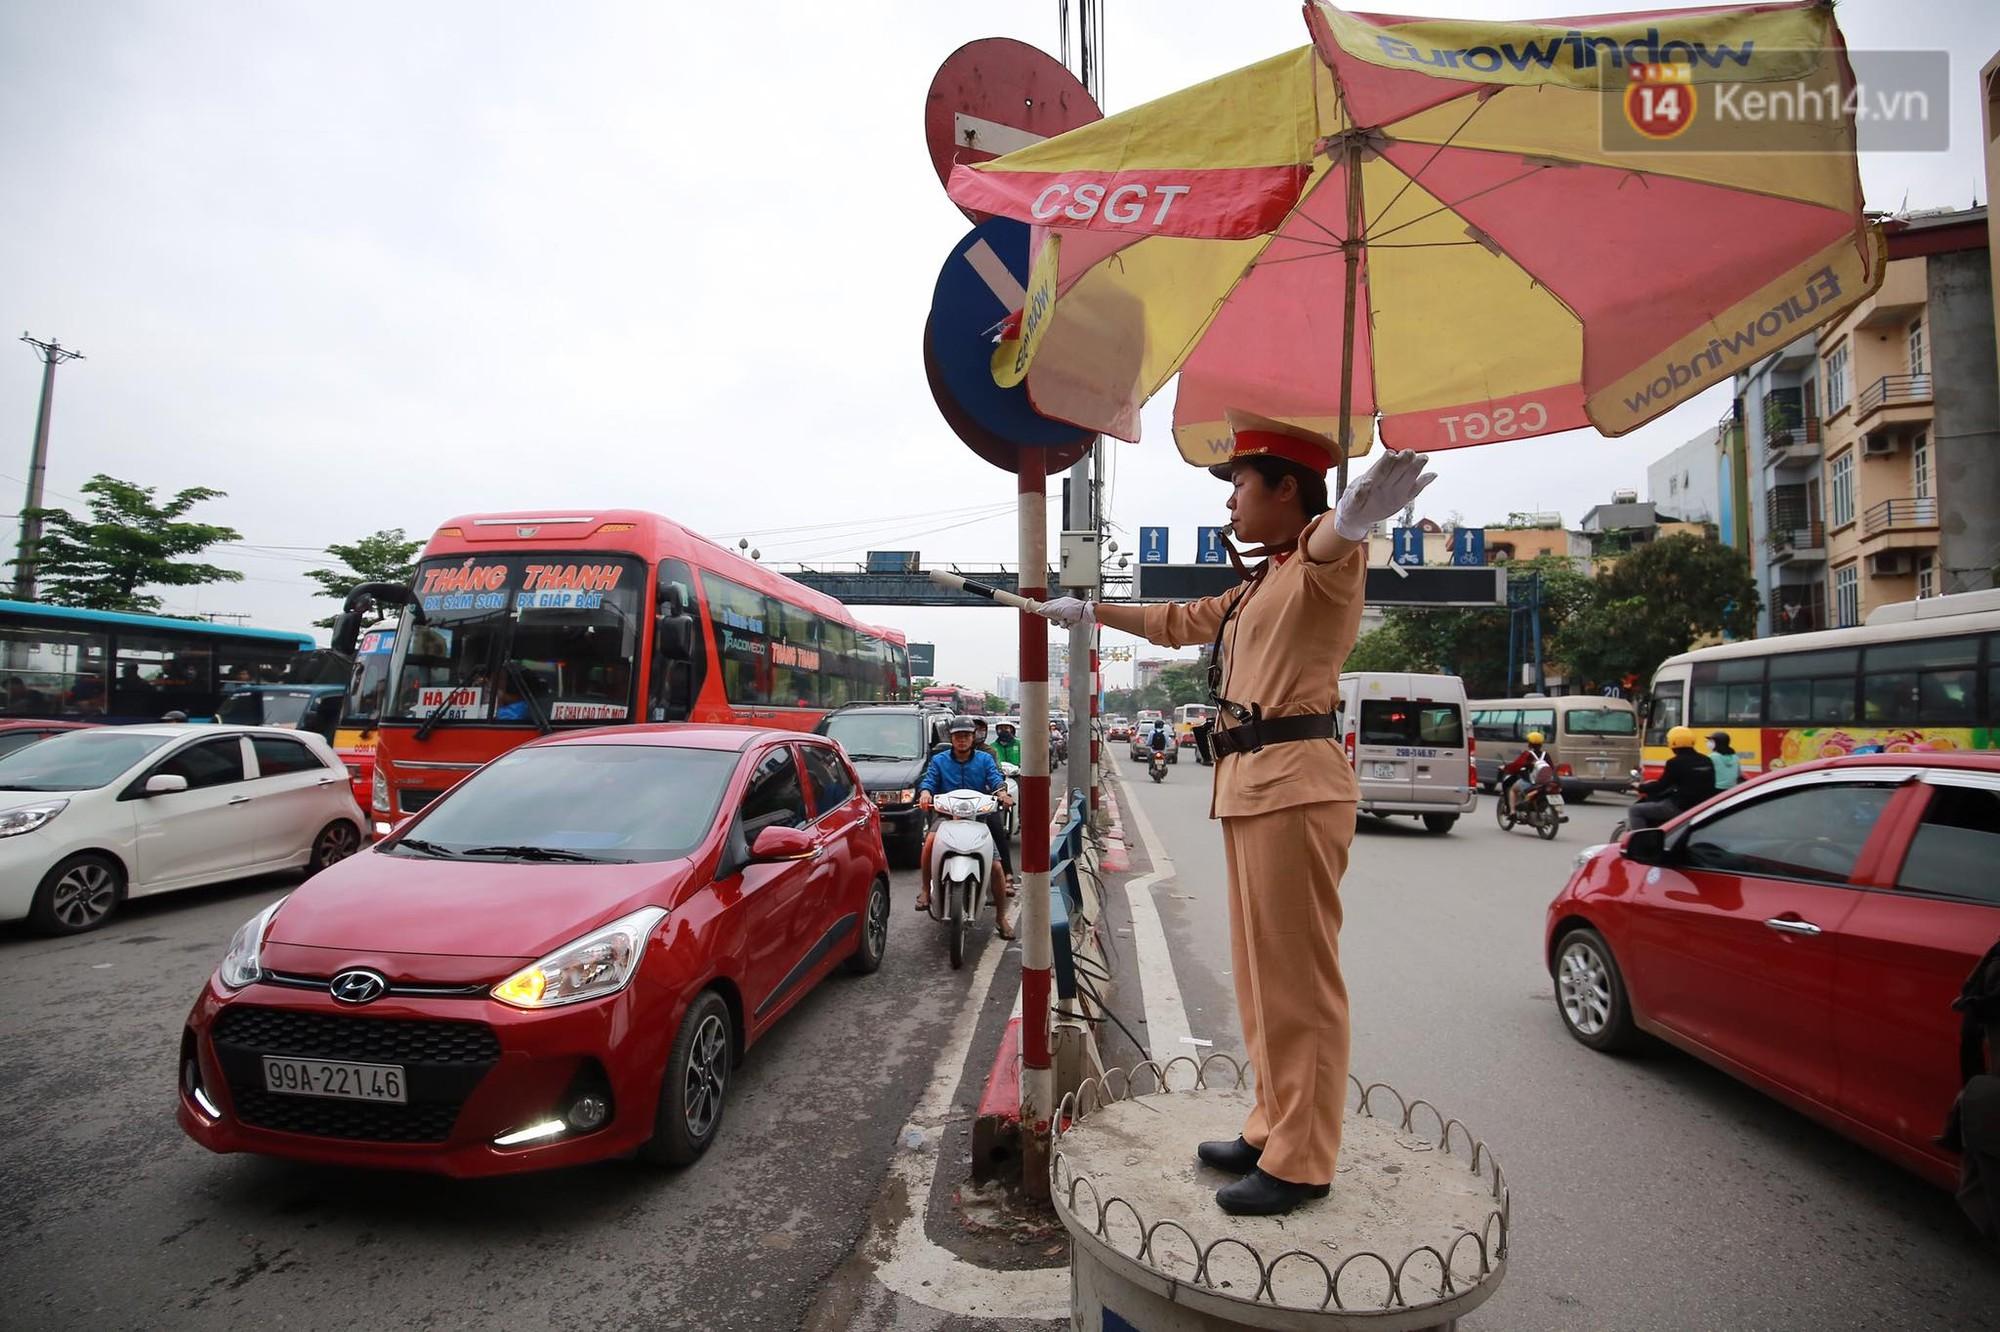 Kết thúc ngày làm việc trước kỳ nghỉ lễ 30/4, hàng nghìn người dân khăn gói về quê khiến nhiều tuyến đường ách tắc 15